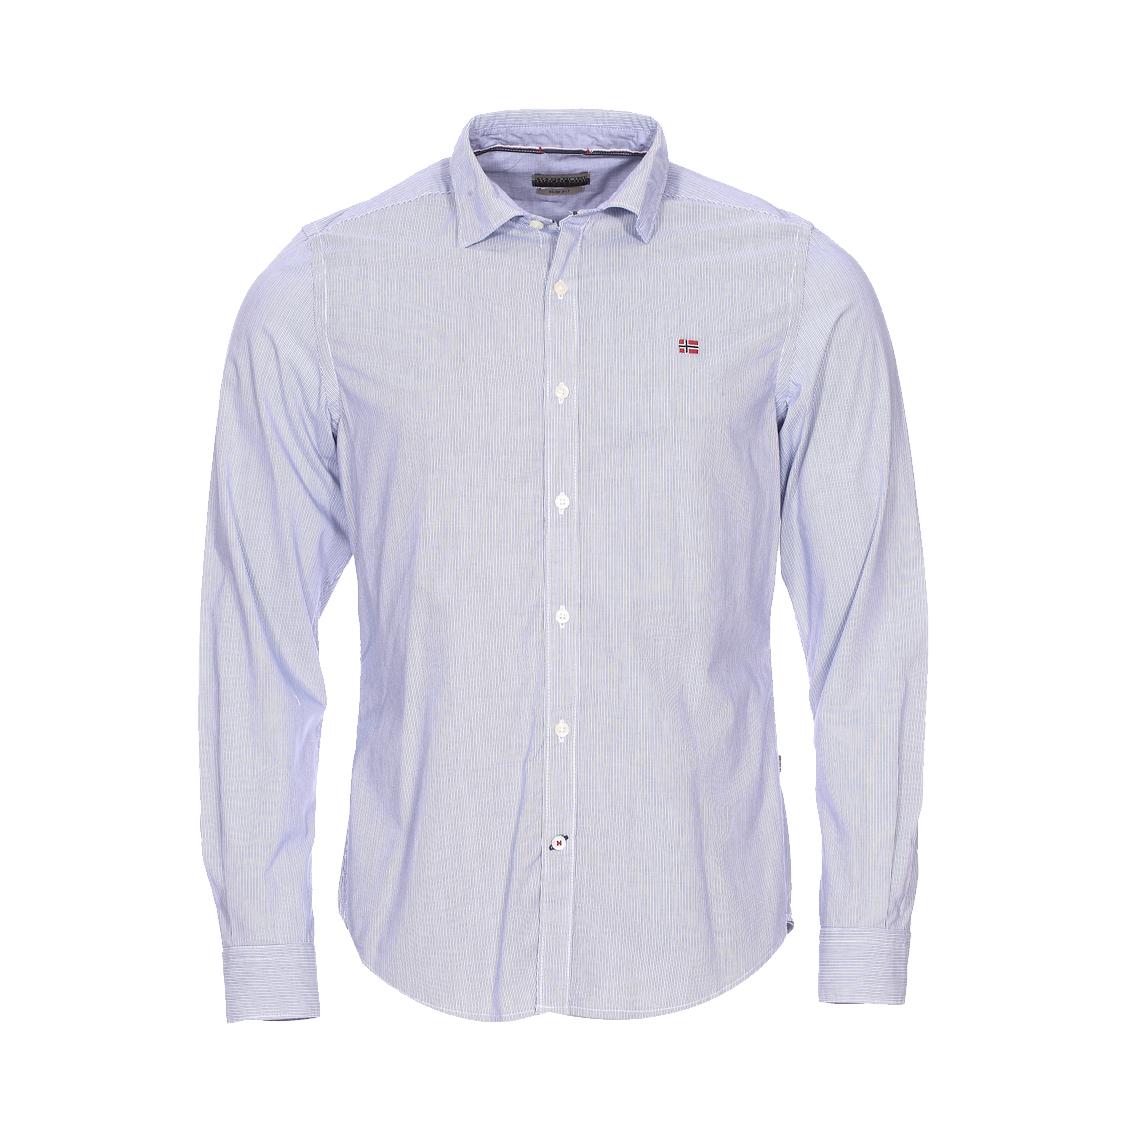 Chemise cintrée  gerrington en coton à fines rayures blanches et bleu marine